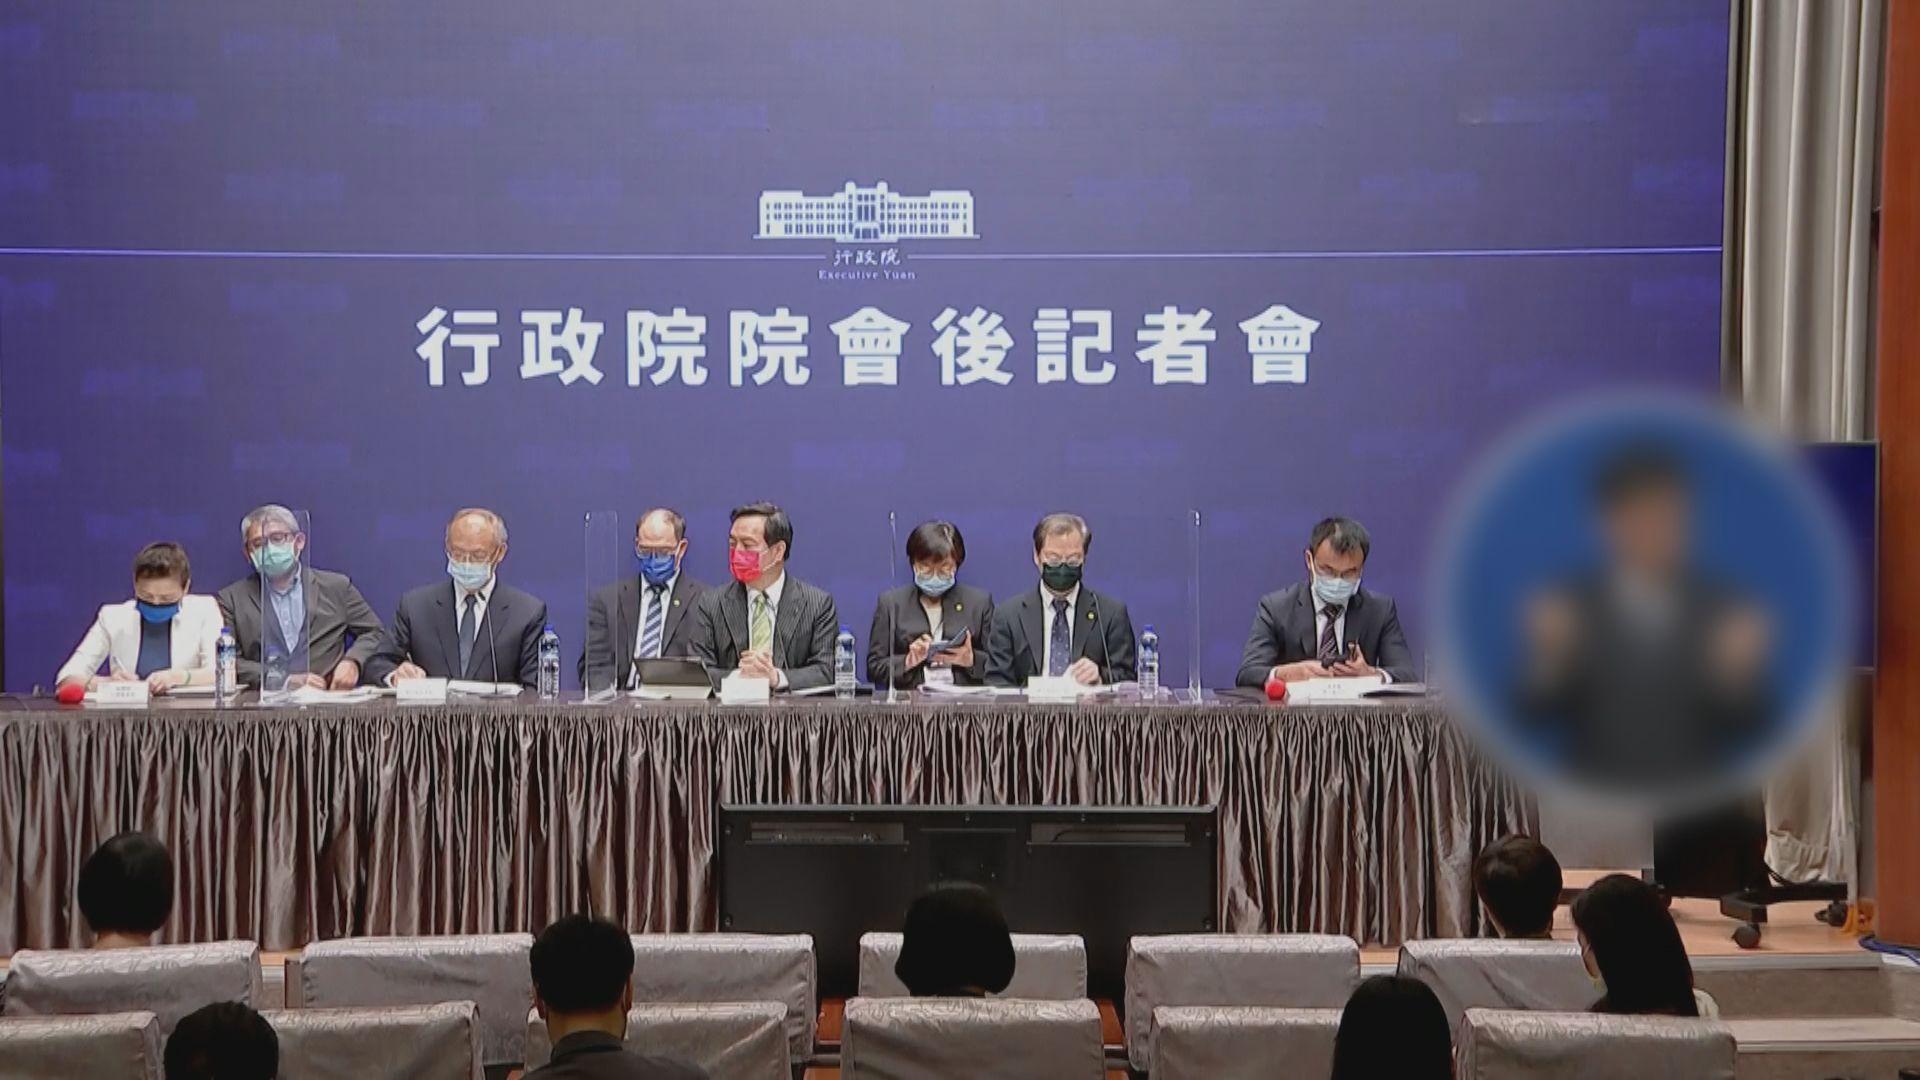 台灣稱申請加入CPTPP與他國目的無關聯